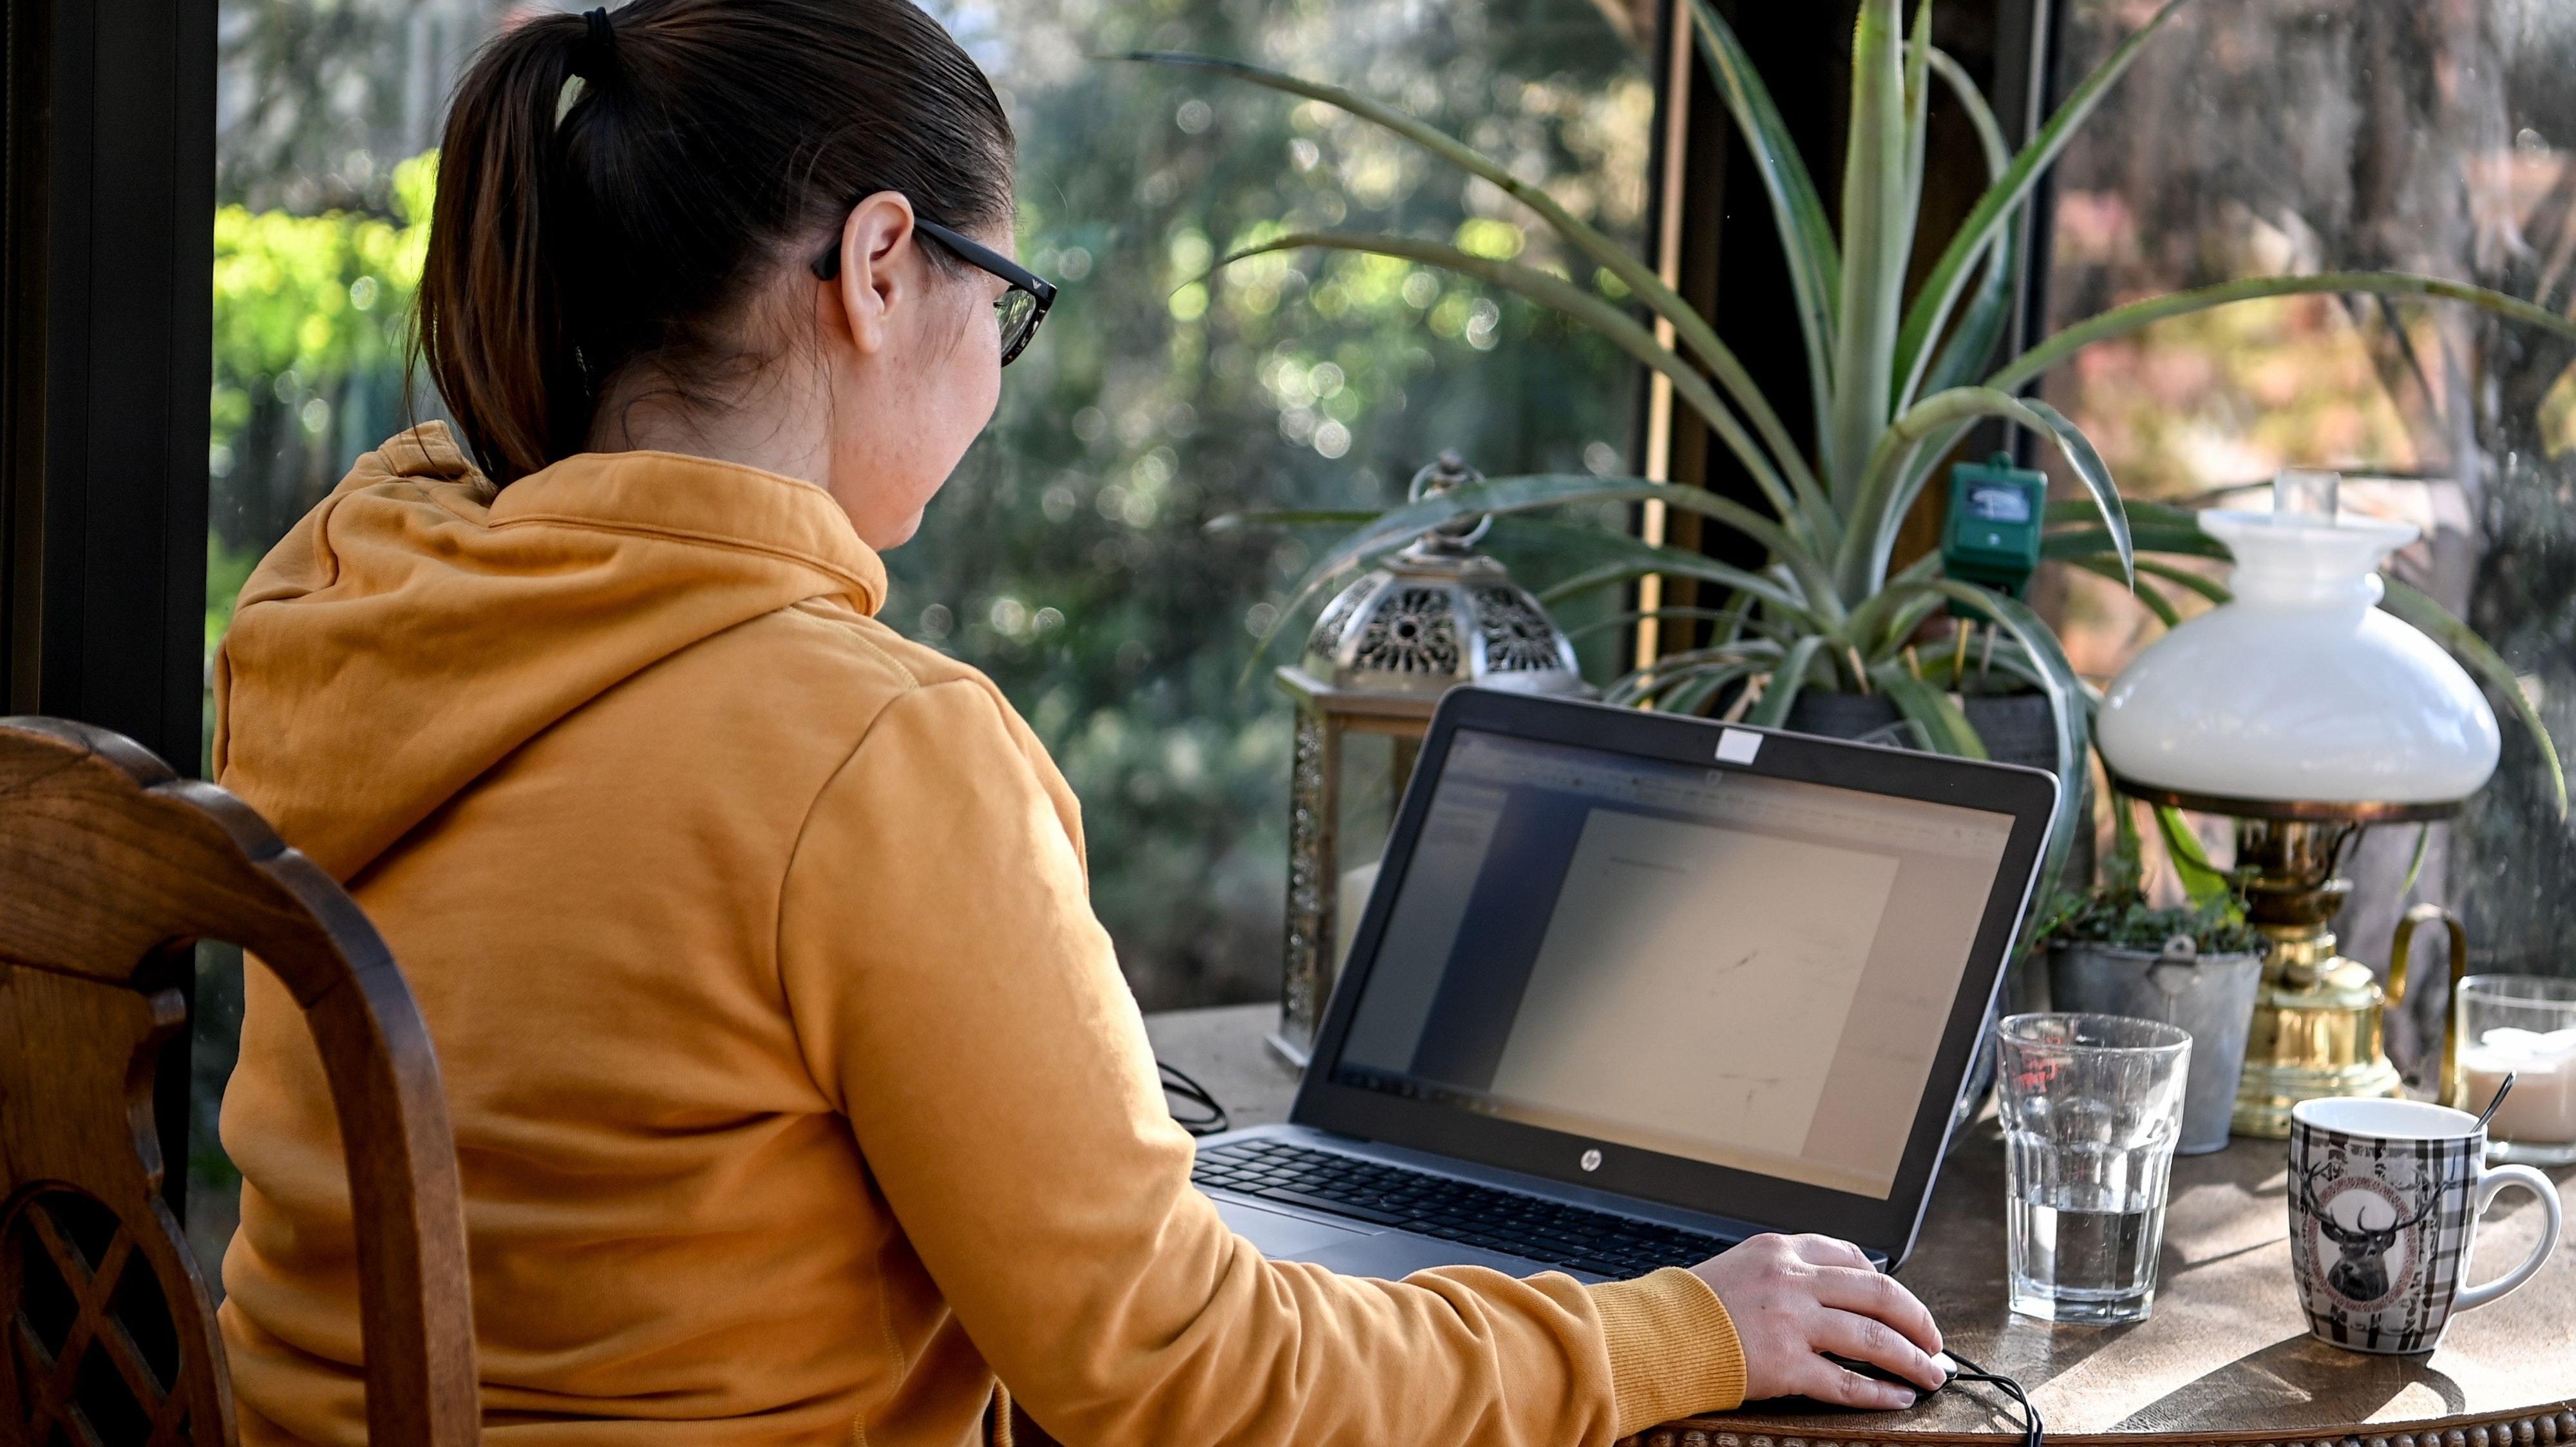 Wer in diesen Corona-Zeiten in einer Ecke seiner Wohnung arbeiten muss, kann die Homeoffice-Pauschale in der Steuerklärung angeben. Foto: dpa / Pedersen